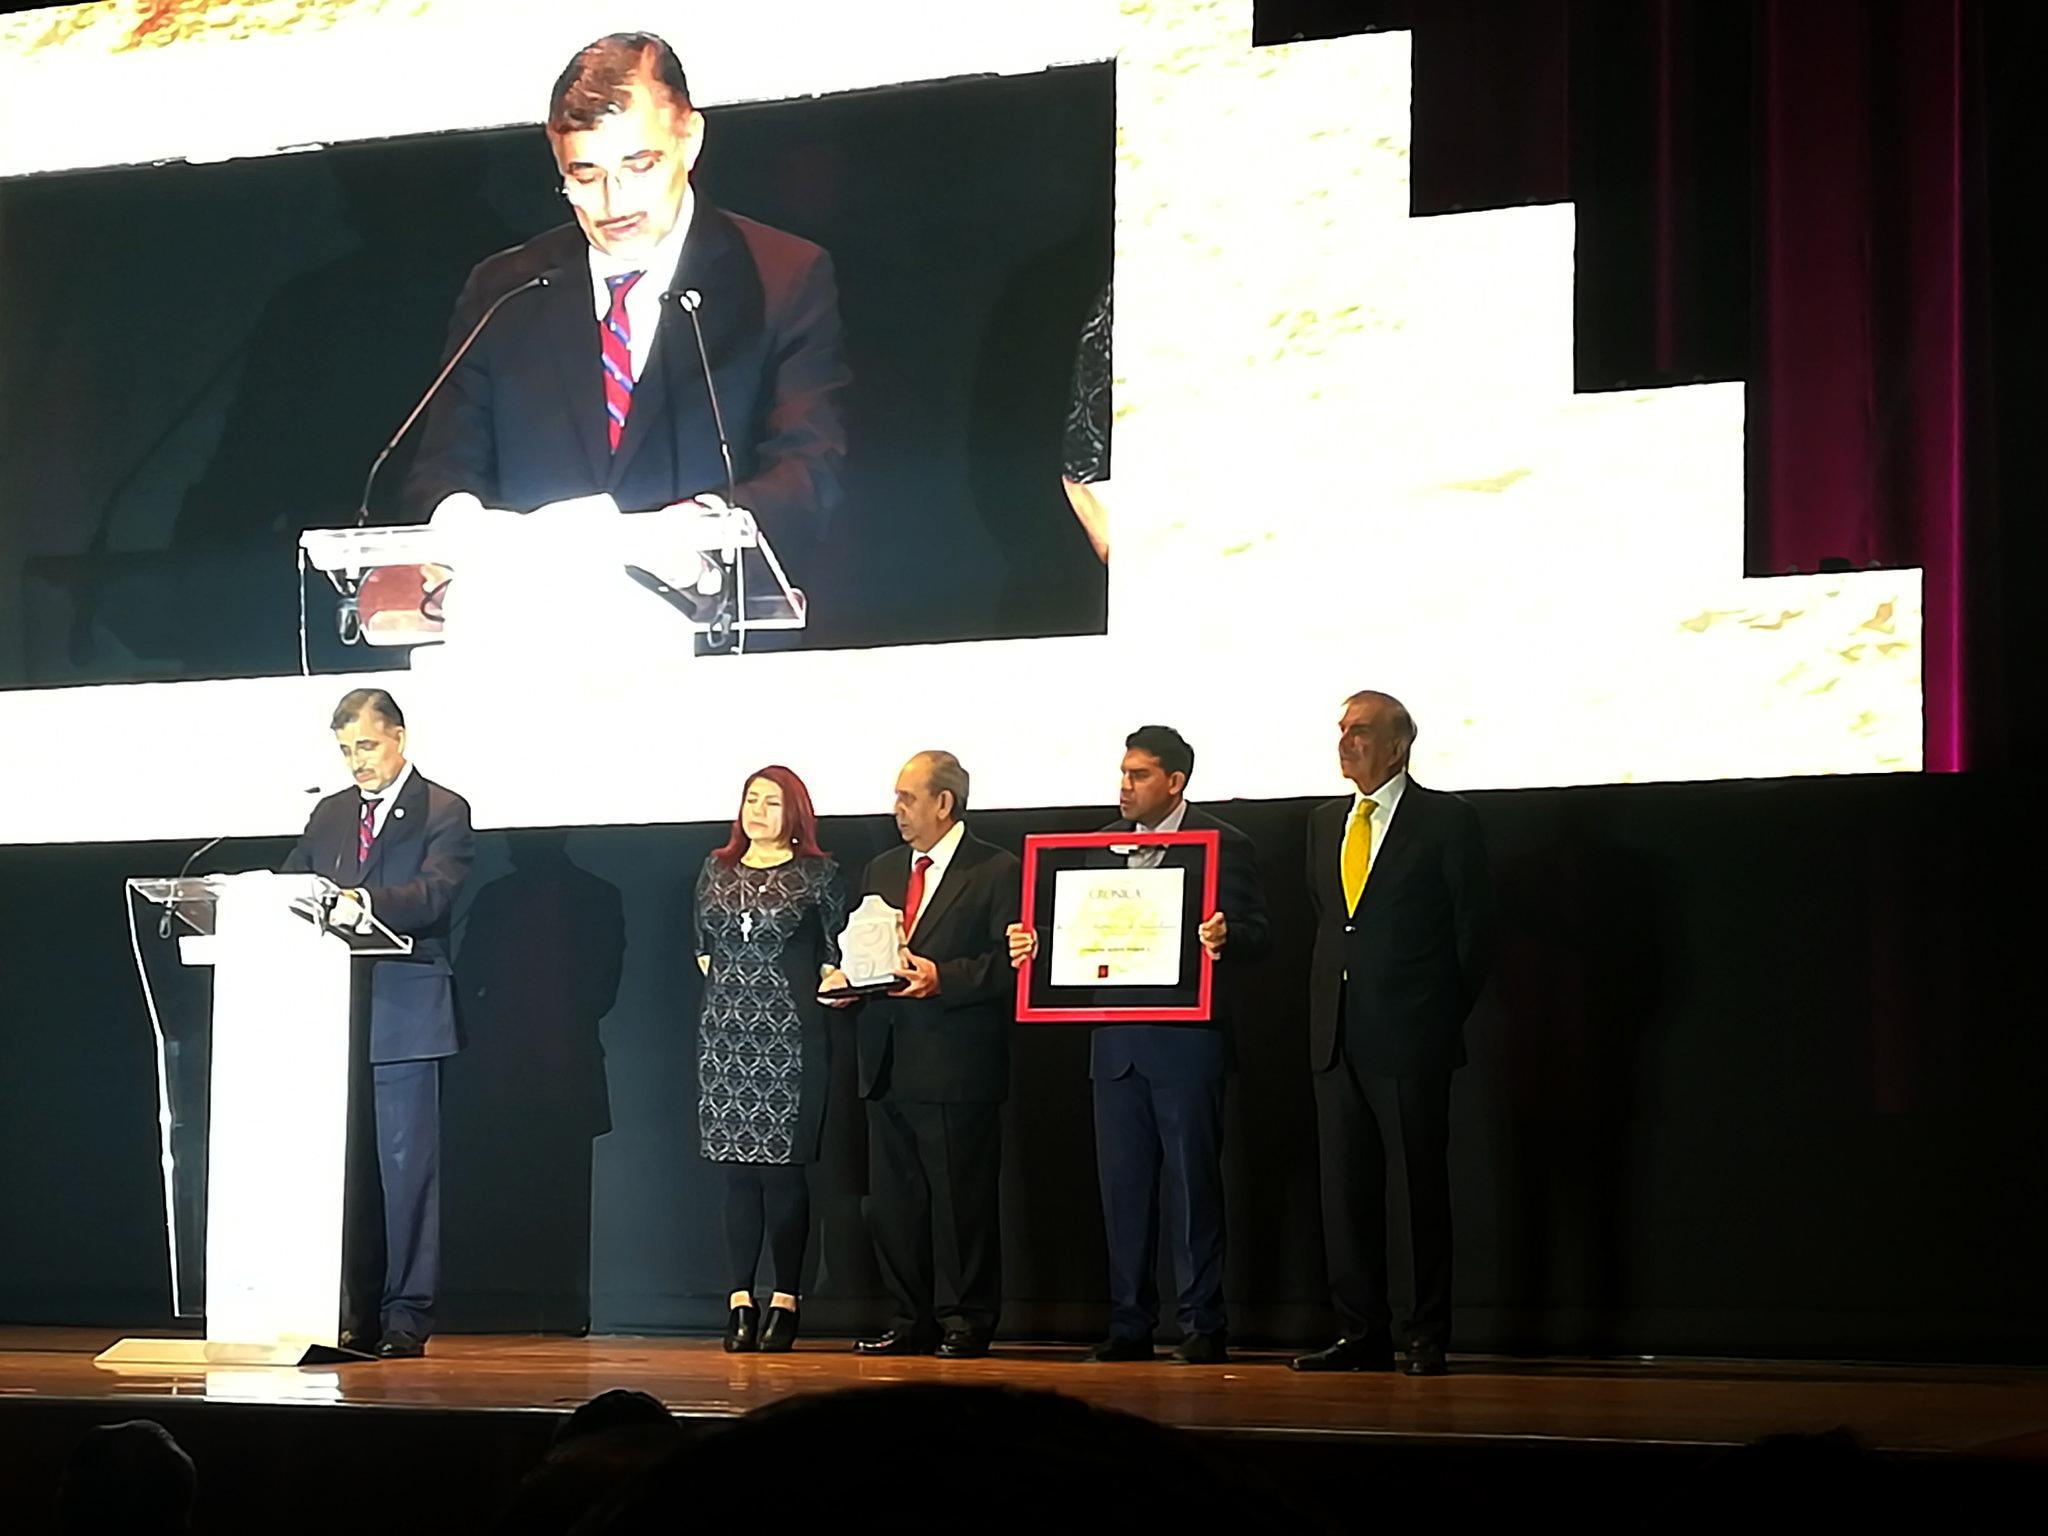 Maestro Itzcóatl Tonatiuh Bravo Padilla, Rector General de la Universidad de Guadalajara, participando en la ceremonia de premiación.